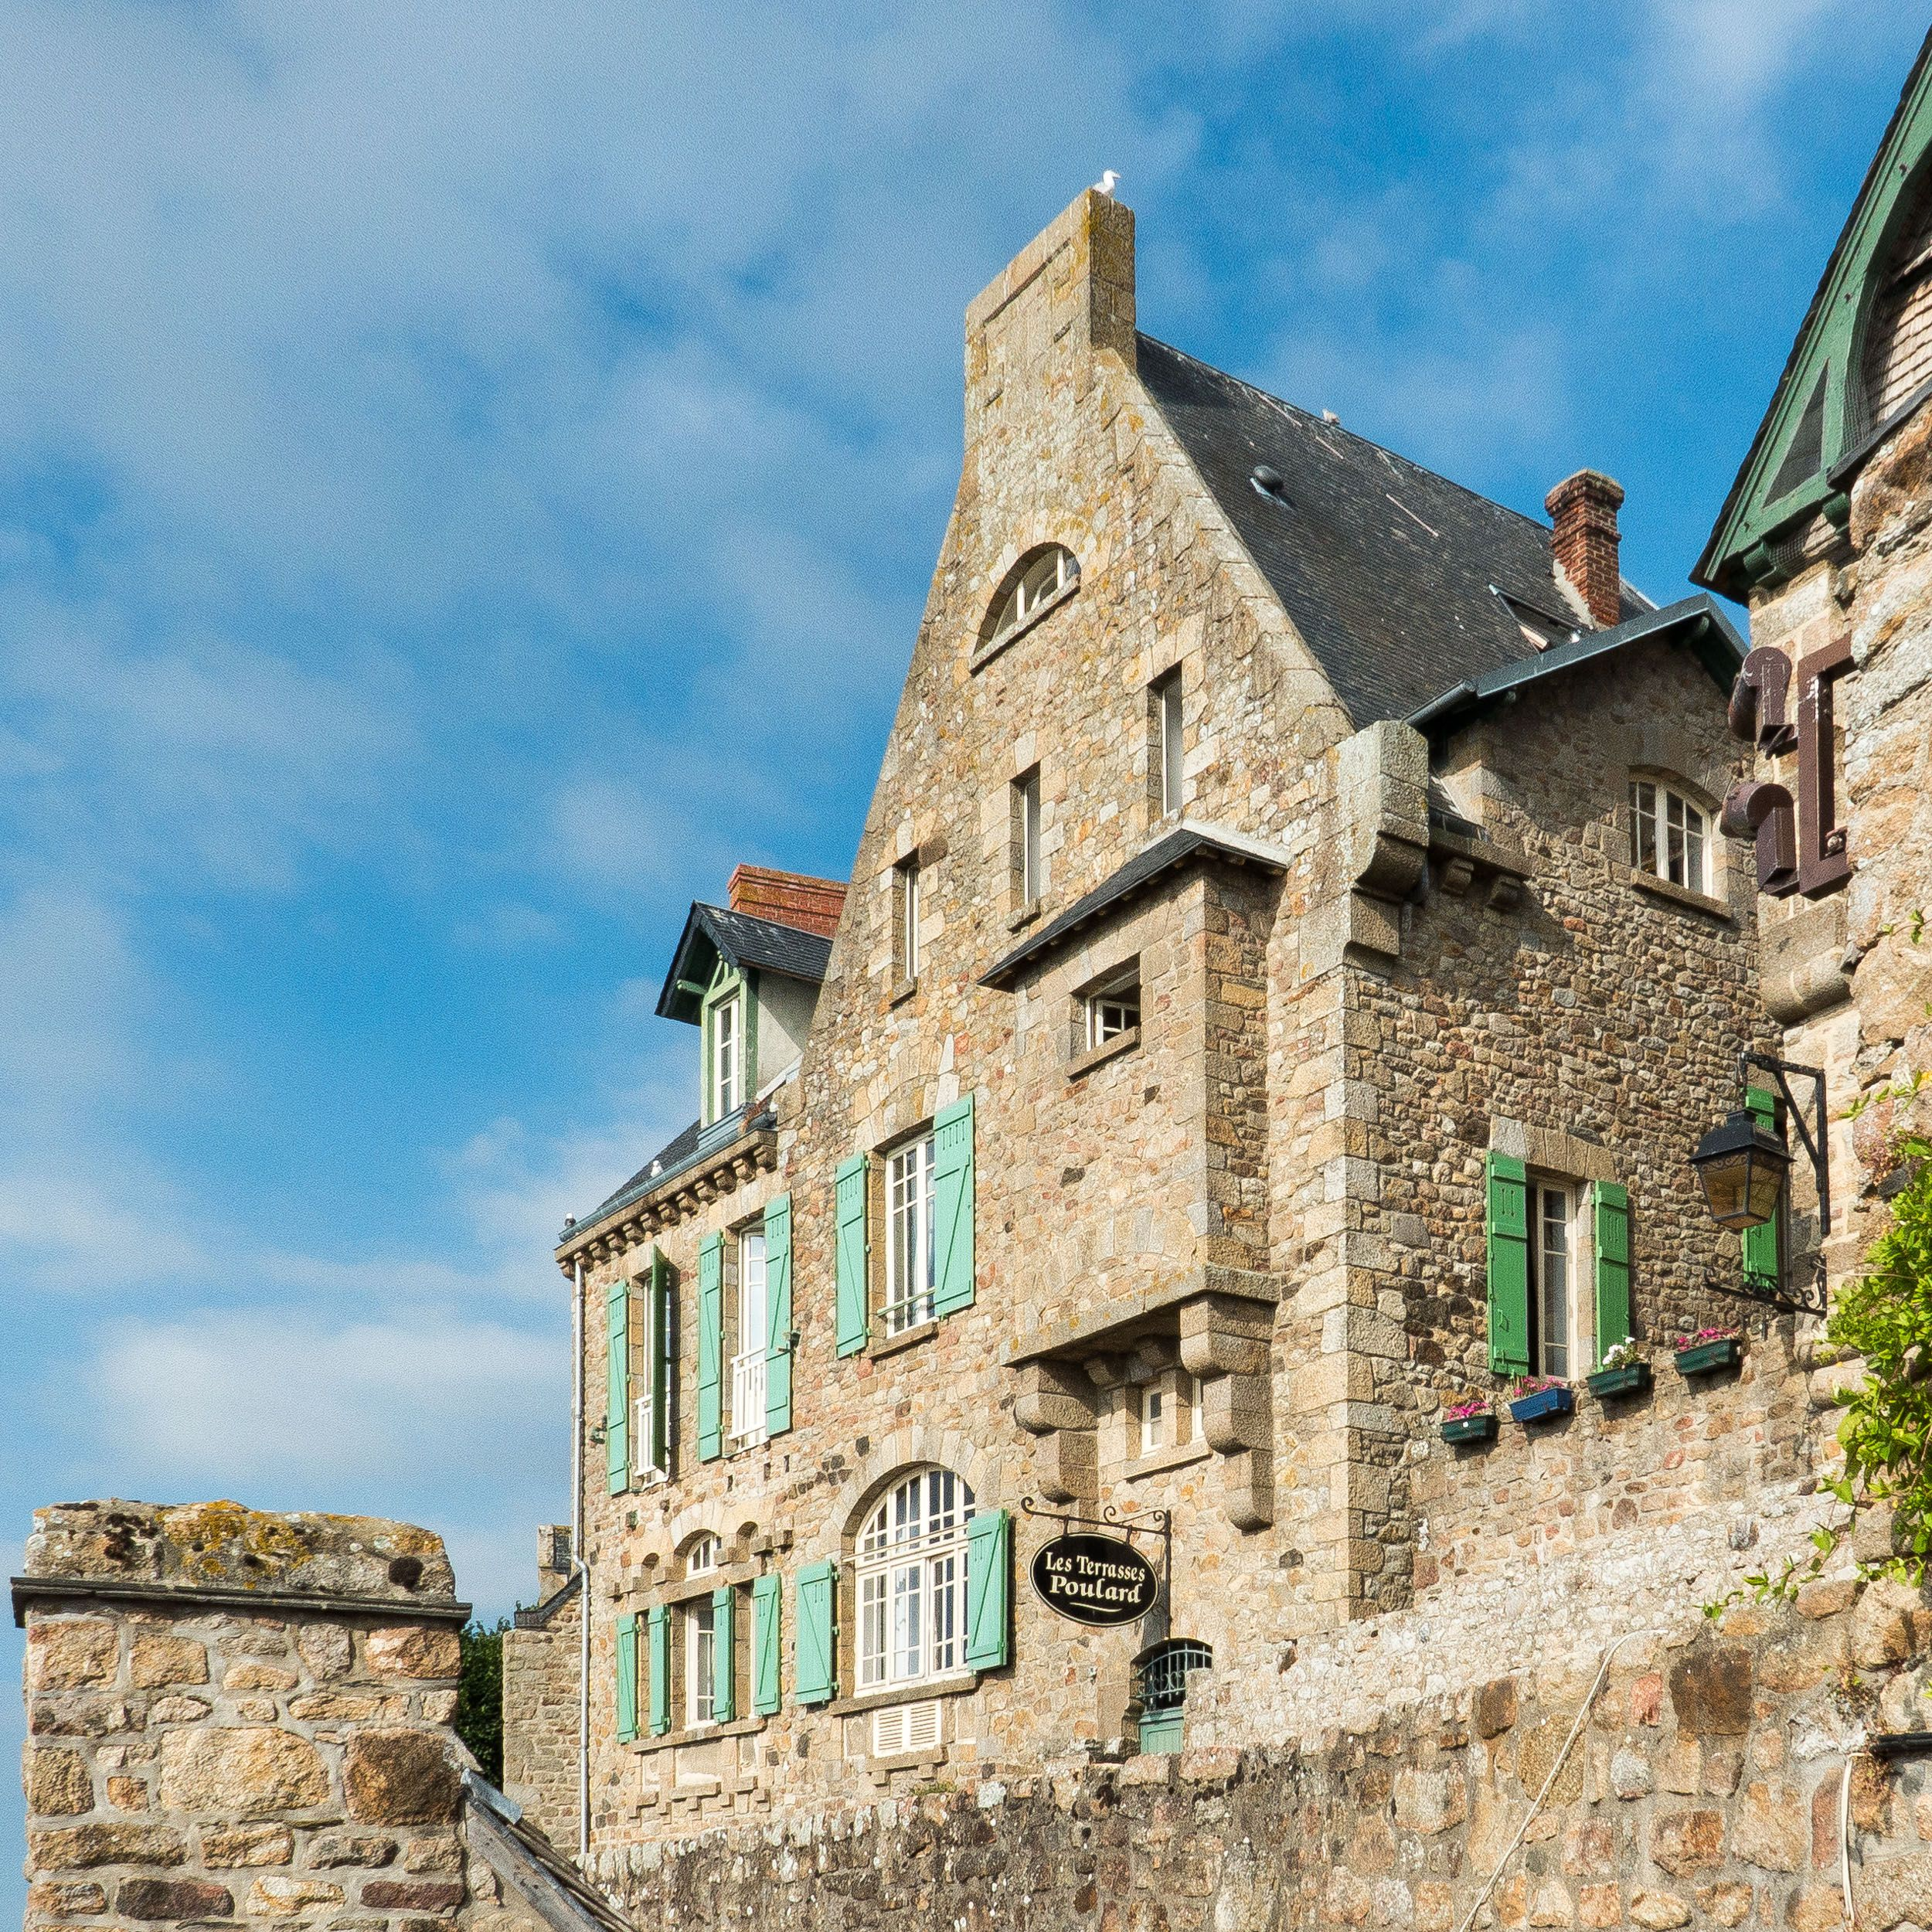 Les Terrasses Poulard au Mont-Saint-Michel #France #Voyage